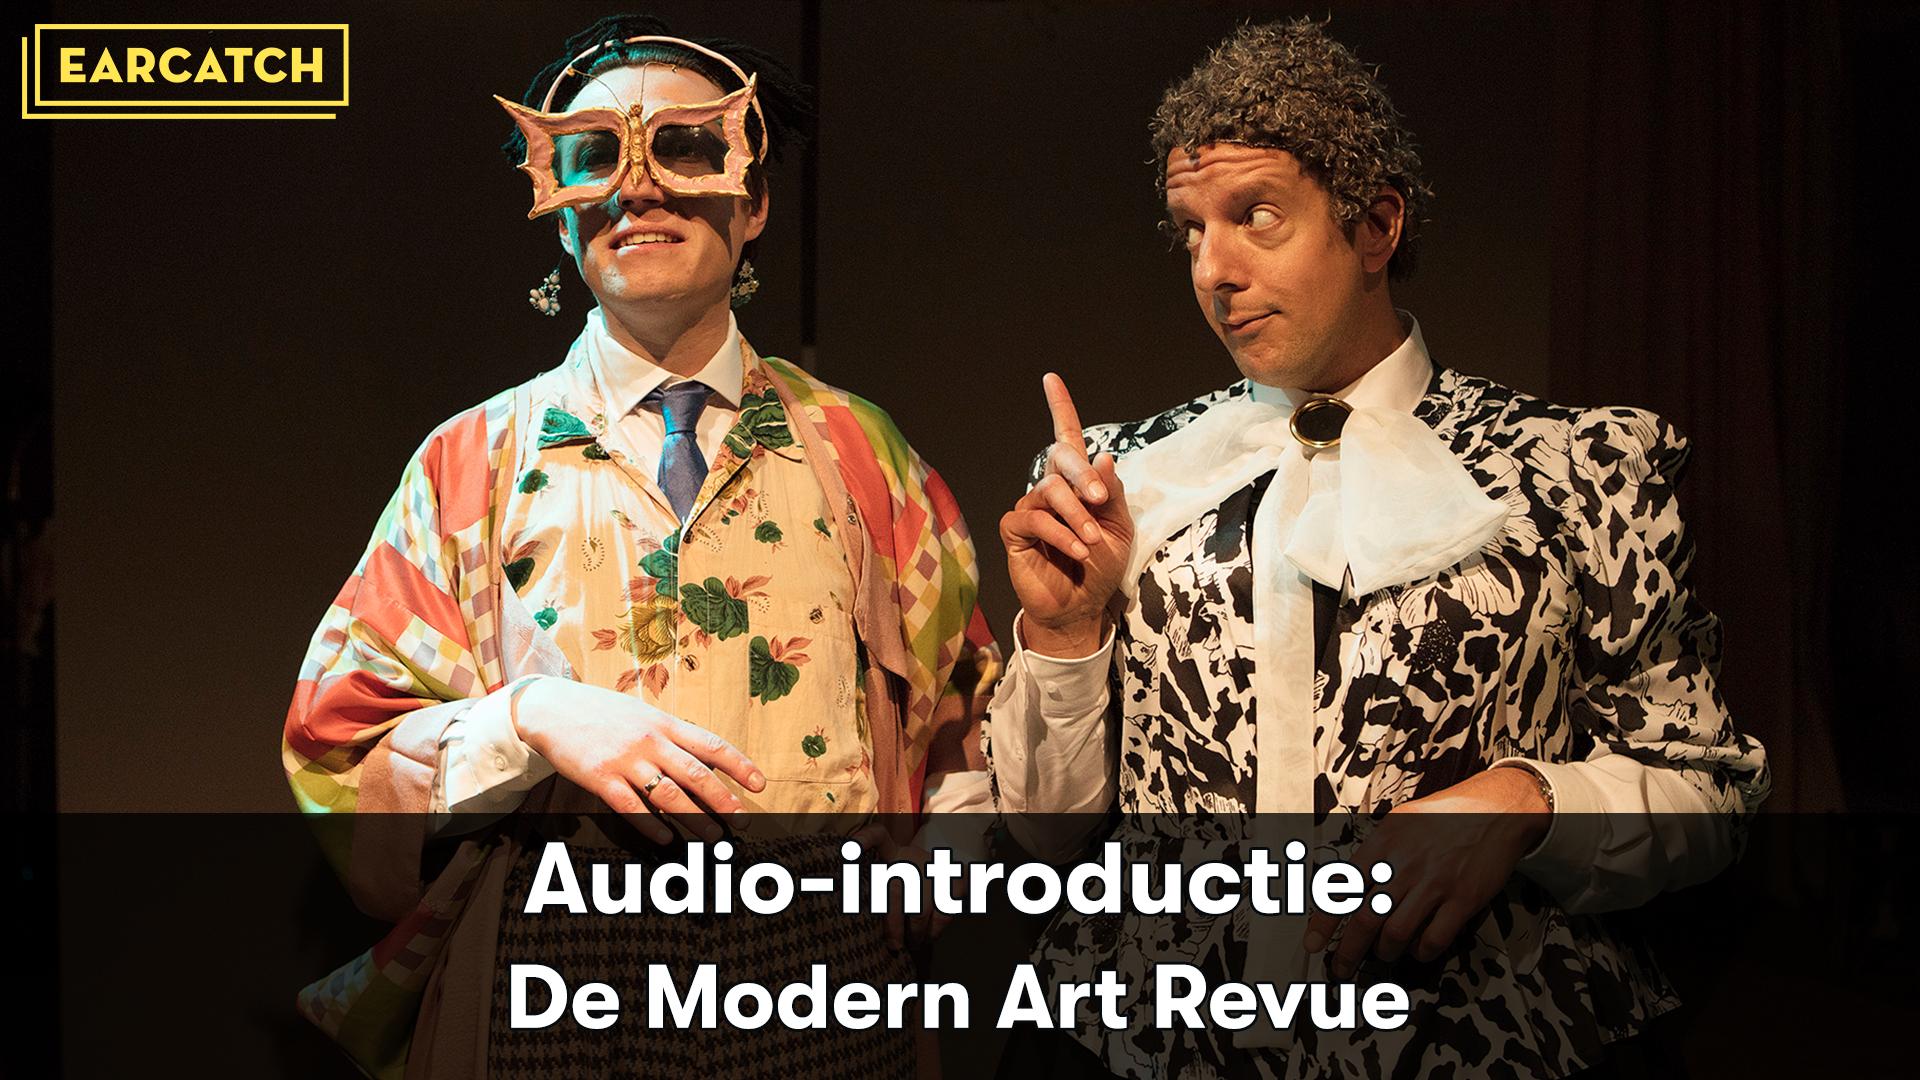 Video: Audio-introductie bij De Modern Art Revue.